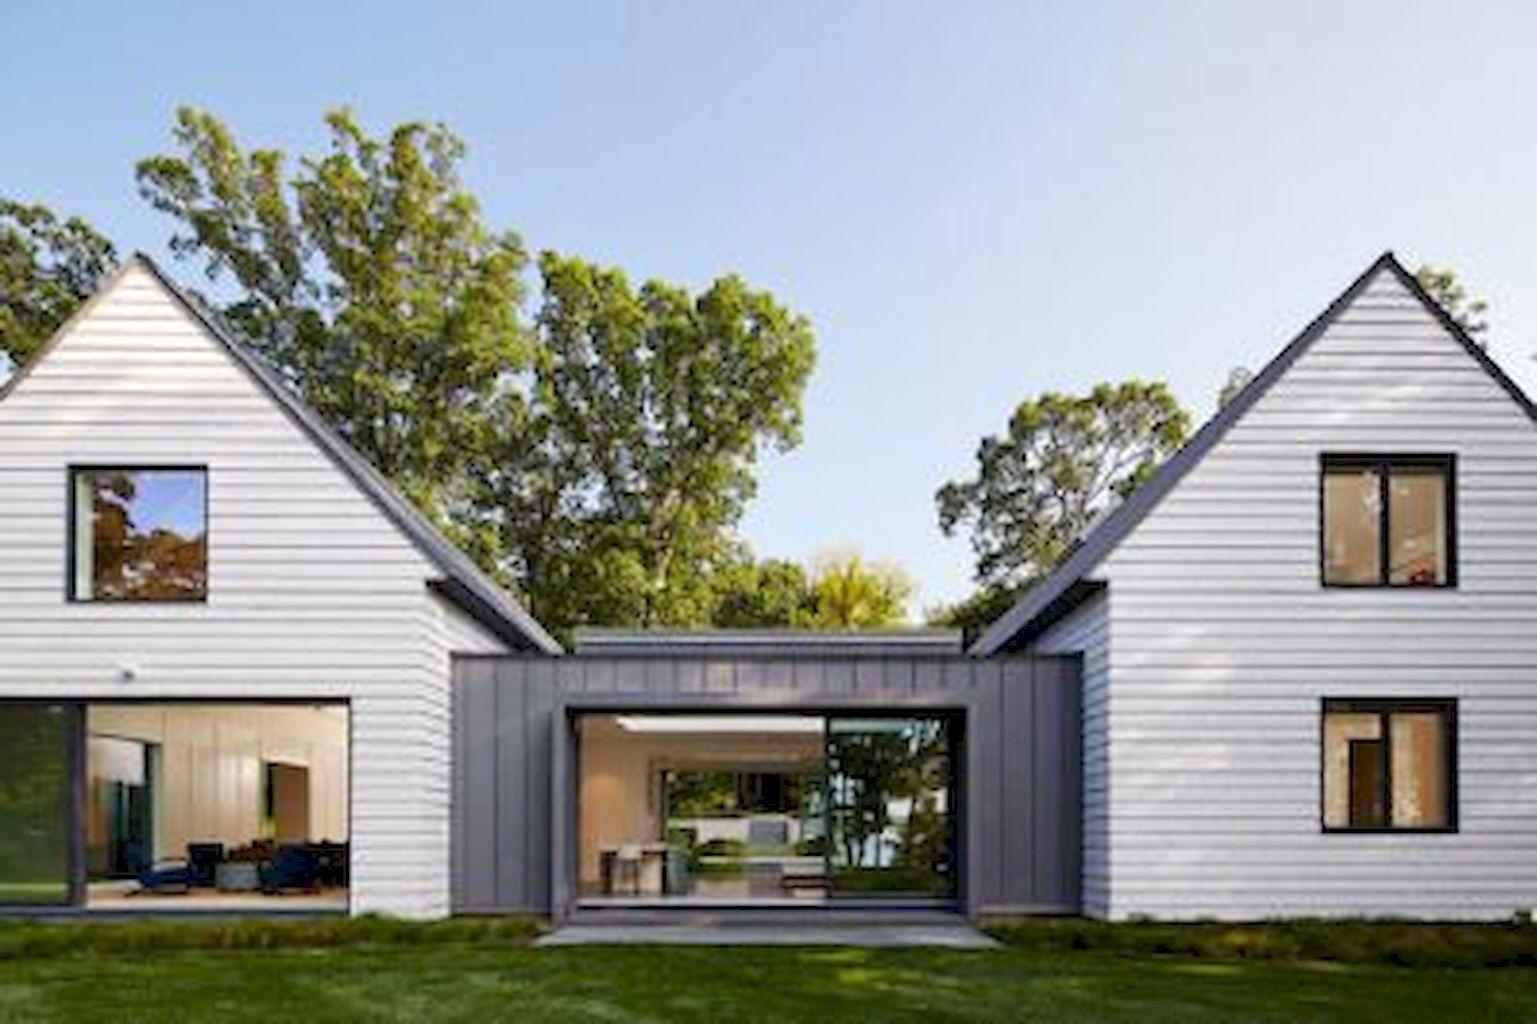 90 Incredible Modern Farmhouse Exterior Design Ideas 47 Modern Farmhouse Design Farmhouse Exterior Modern Farmhouse Exterior